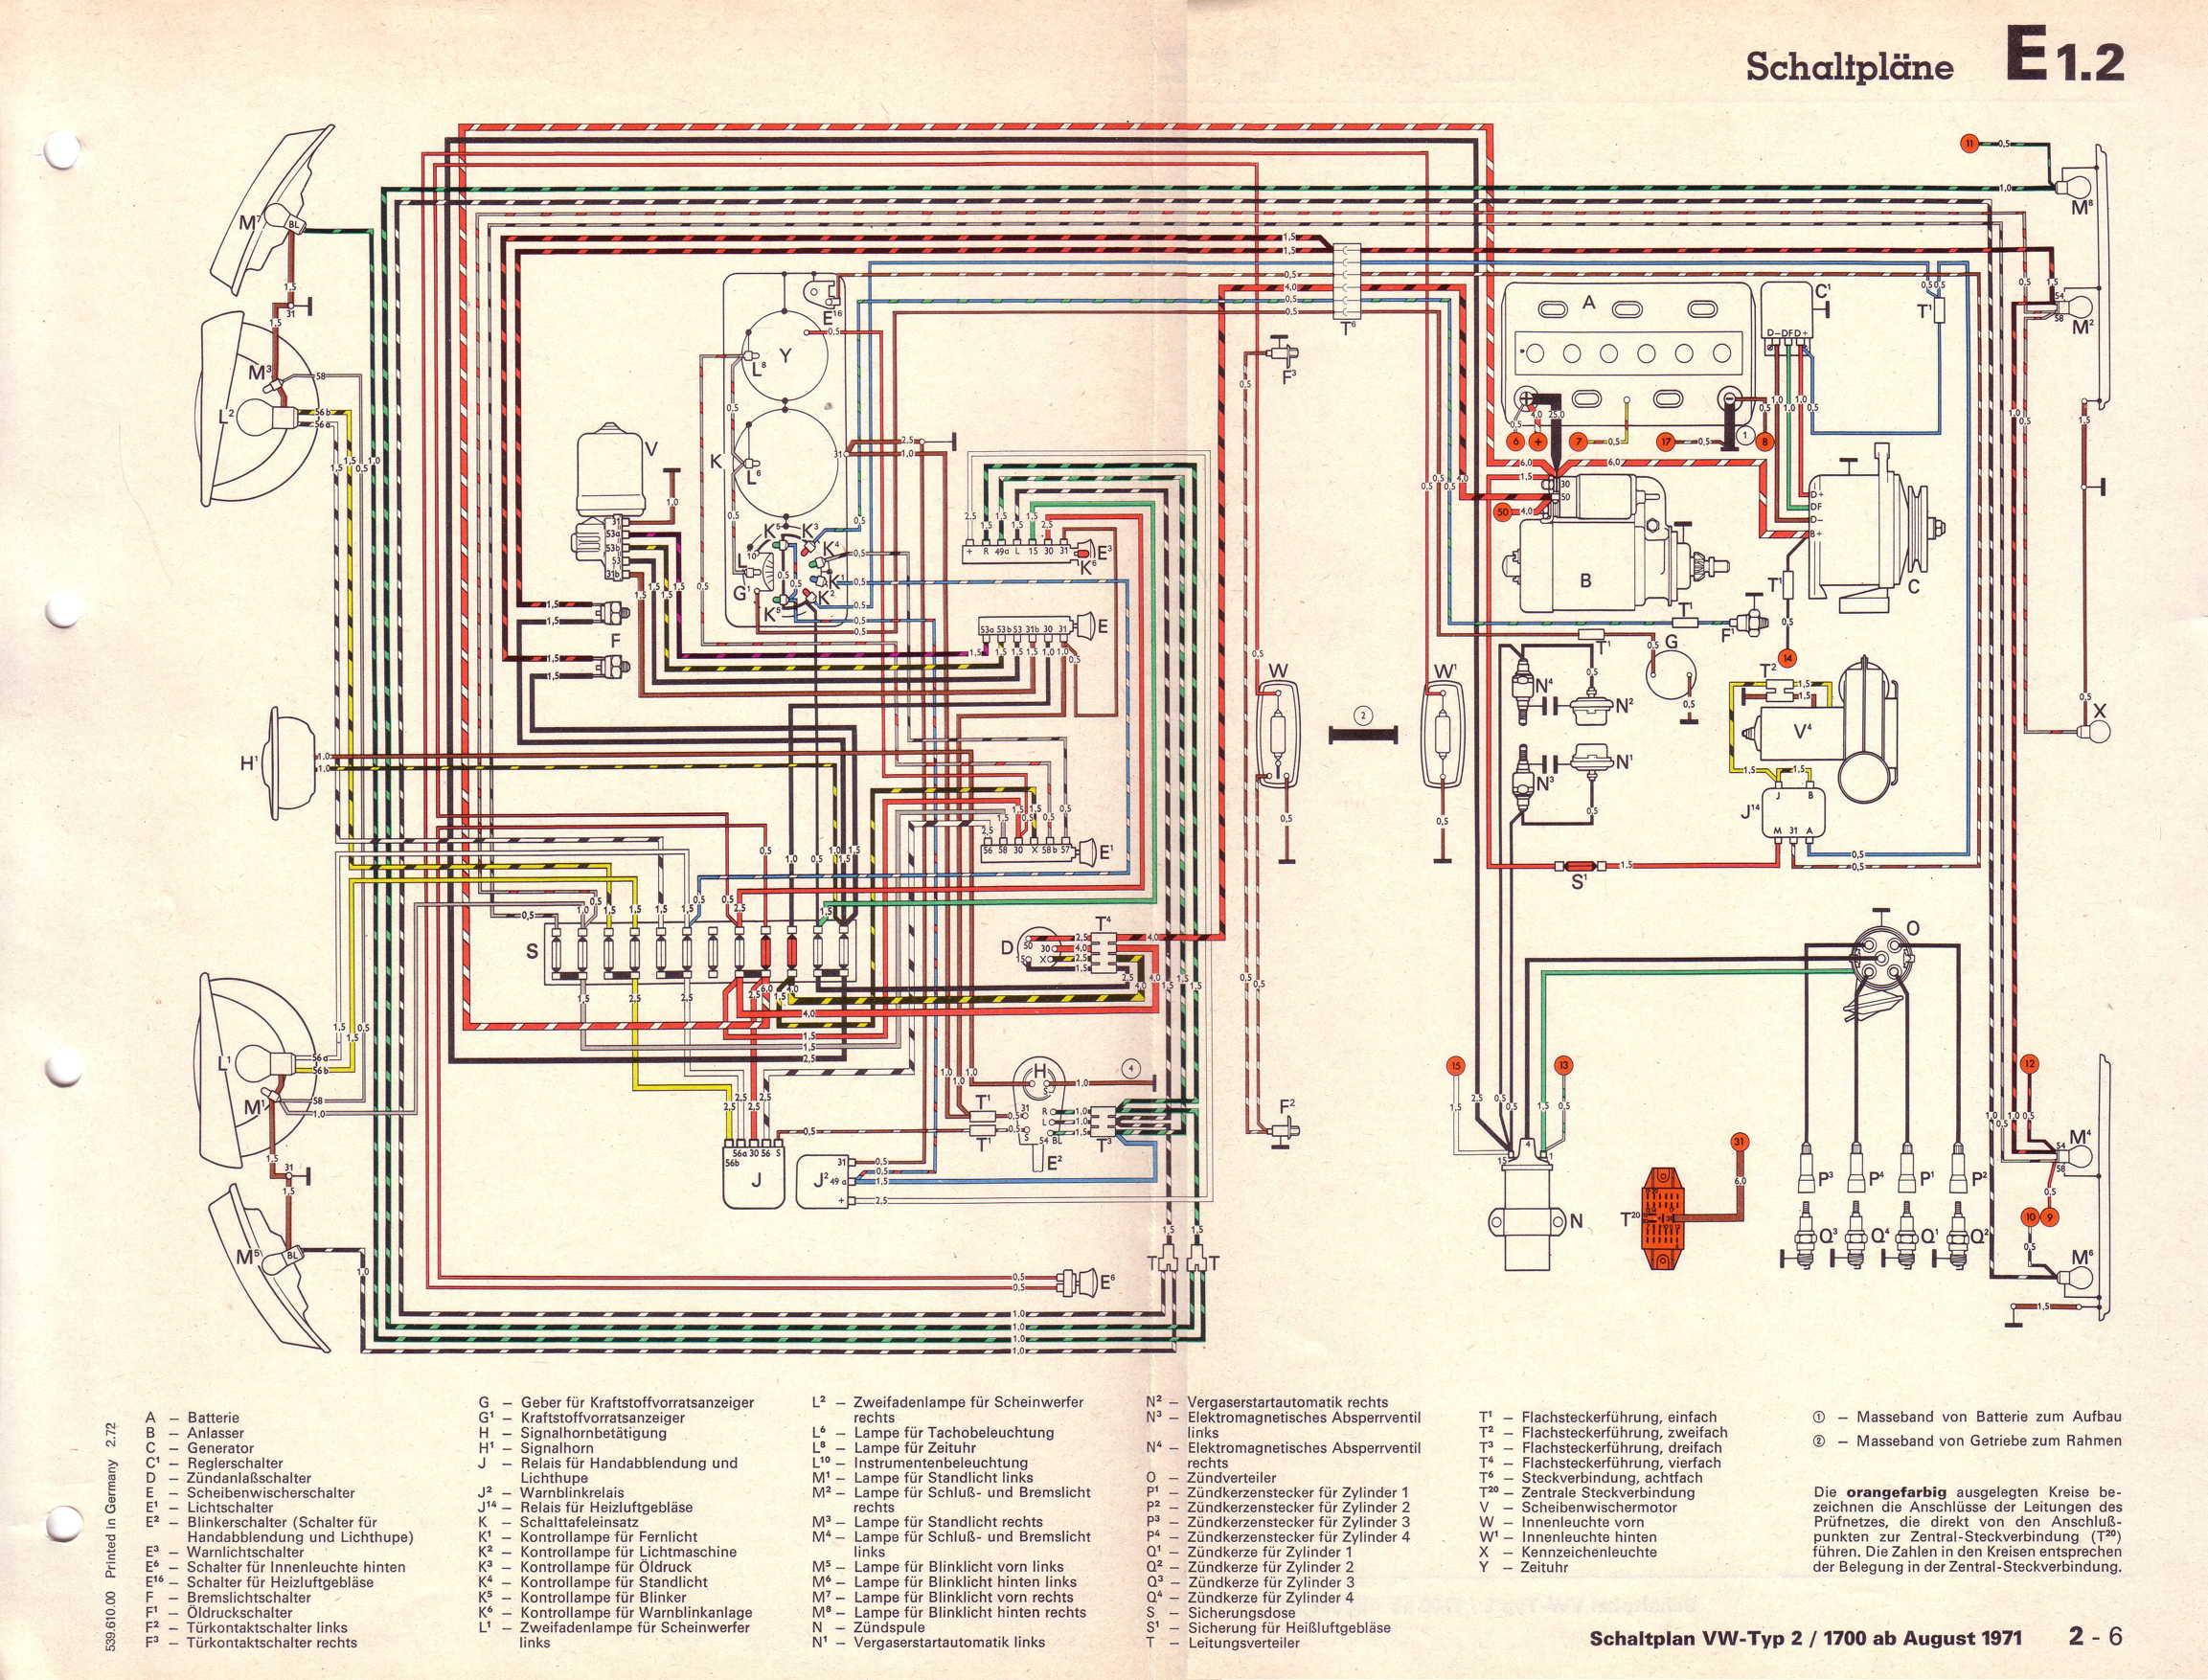 Baduras Volkswagen T2 Bulli Seite Stromlaufplne Wiring Diagram T4 Transporter 17 L Vergasermotor Ab August 1971